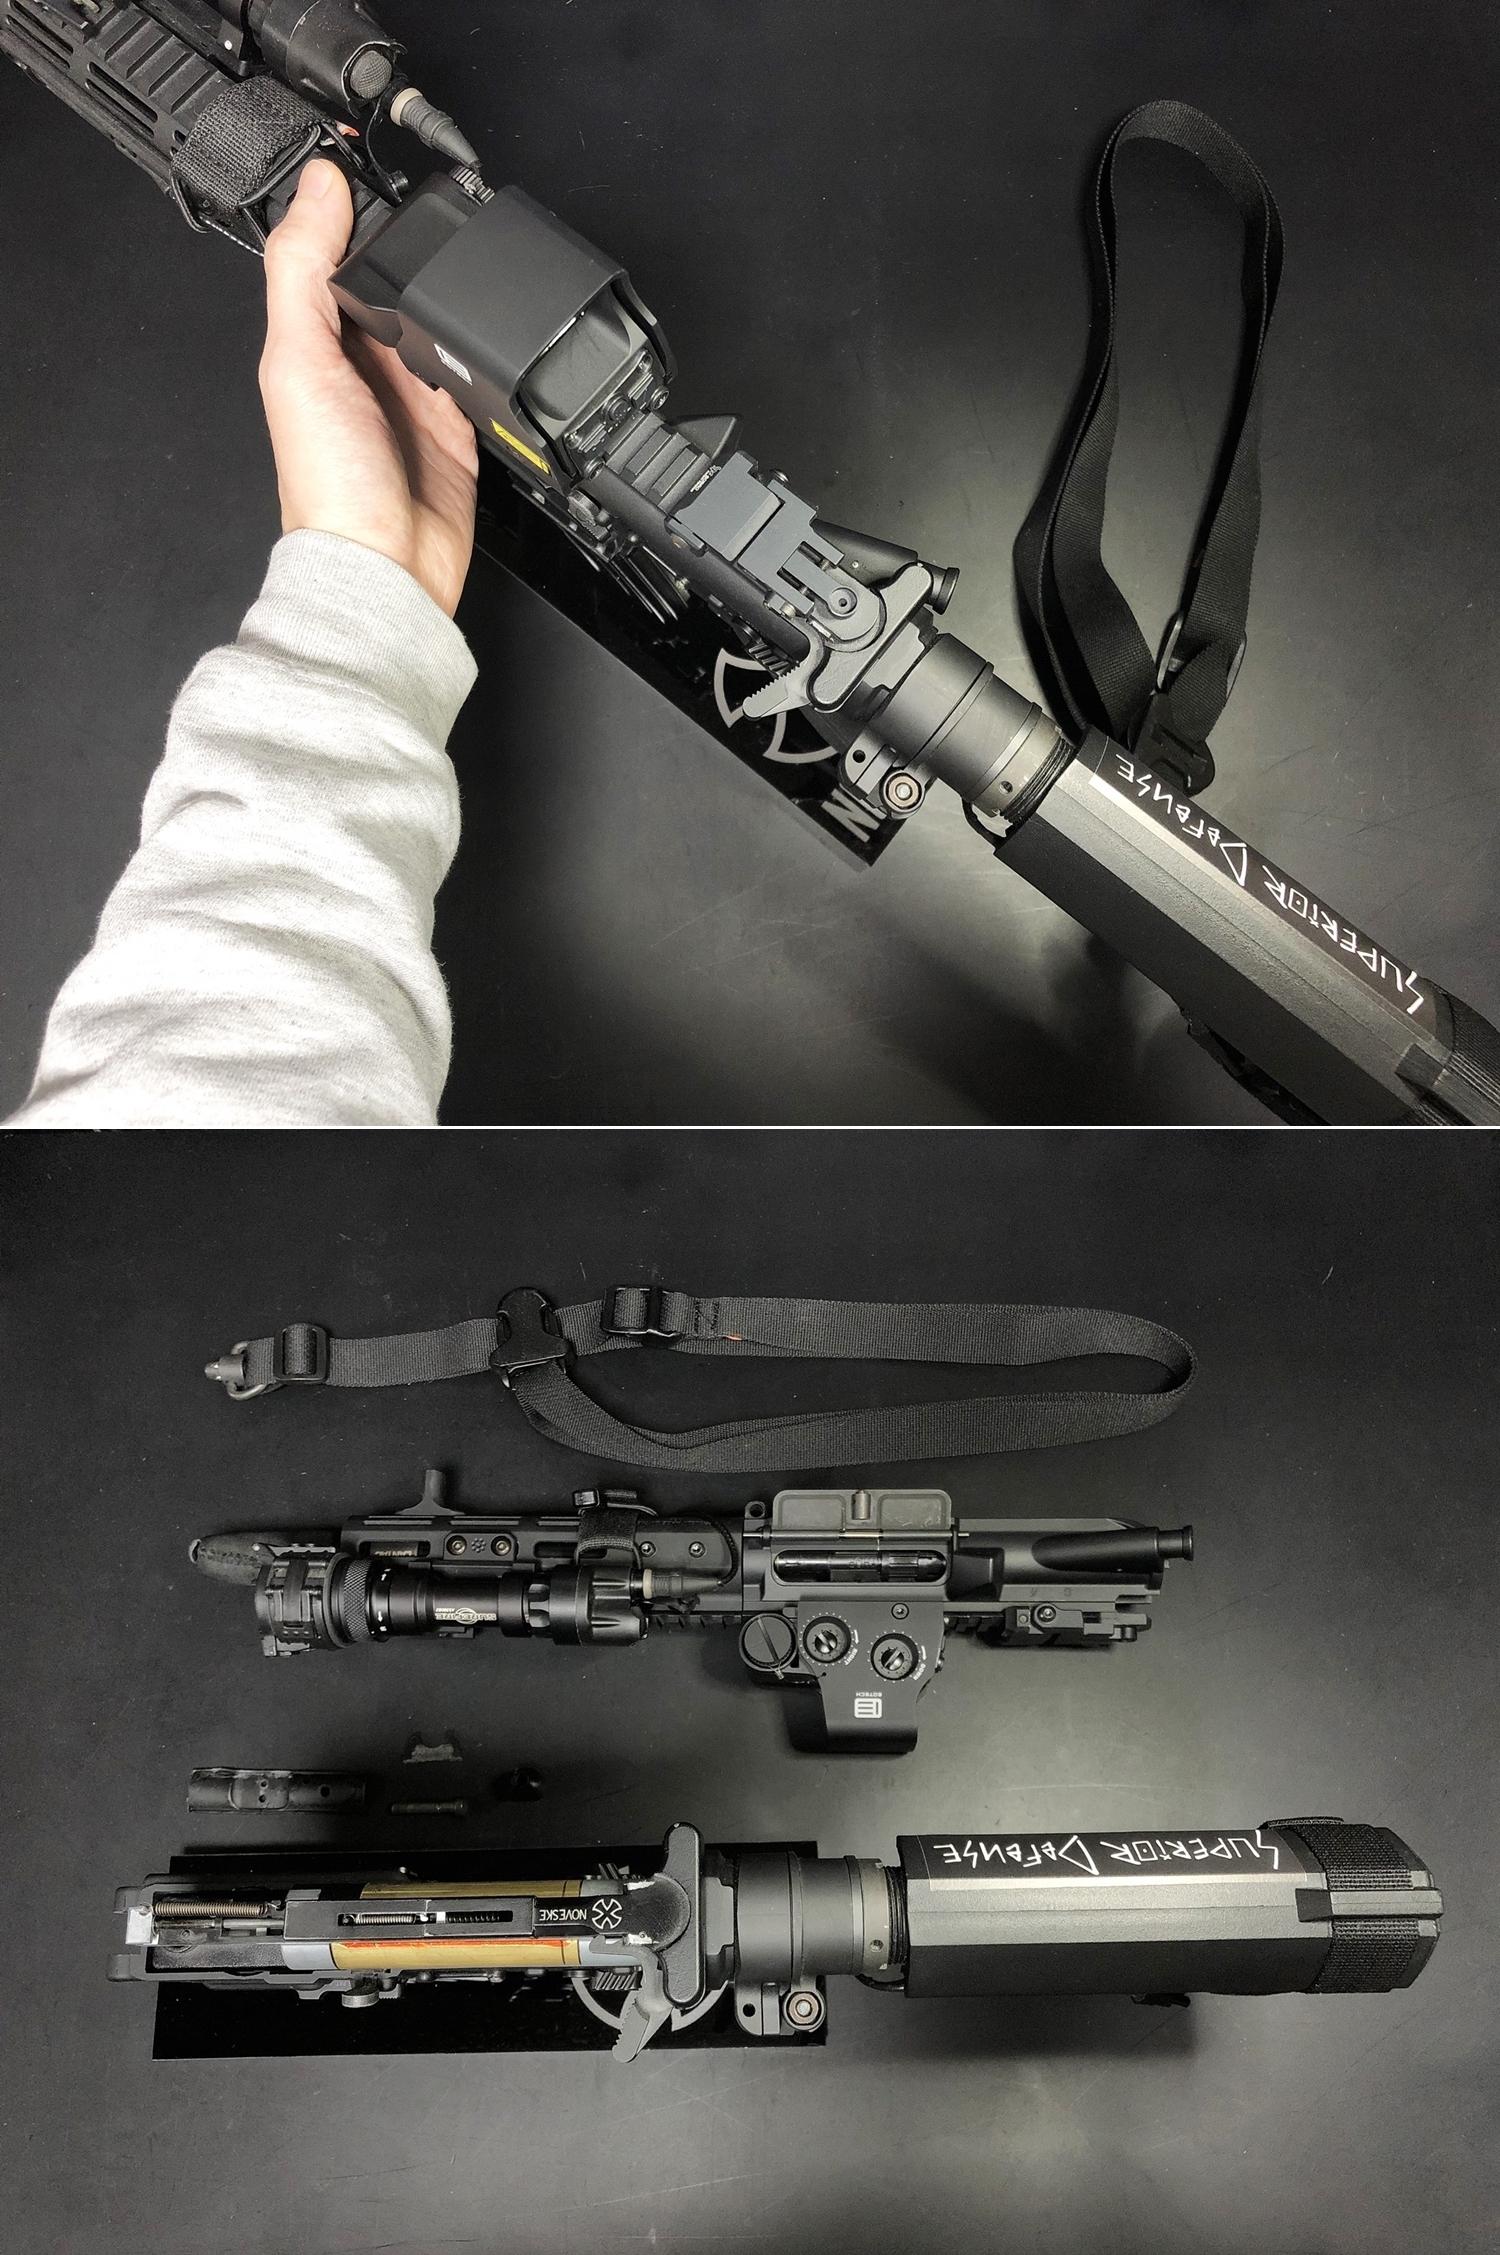 5 次世代 M4 CQB-R 簡易的修理で激的変化!! メカボックス 新品交換 & サマリウム・コバルトモーター カスタム!! メンテナンス 交換 修理 カスタム レビュー!!